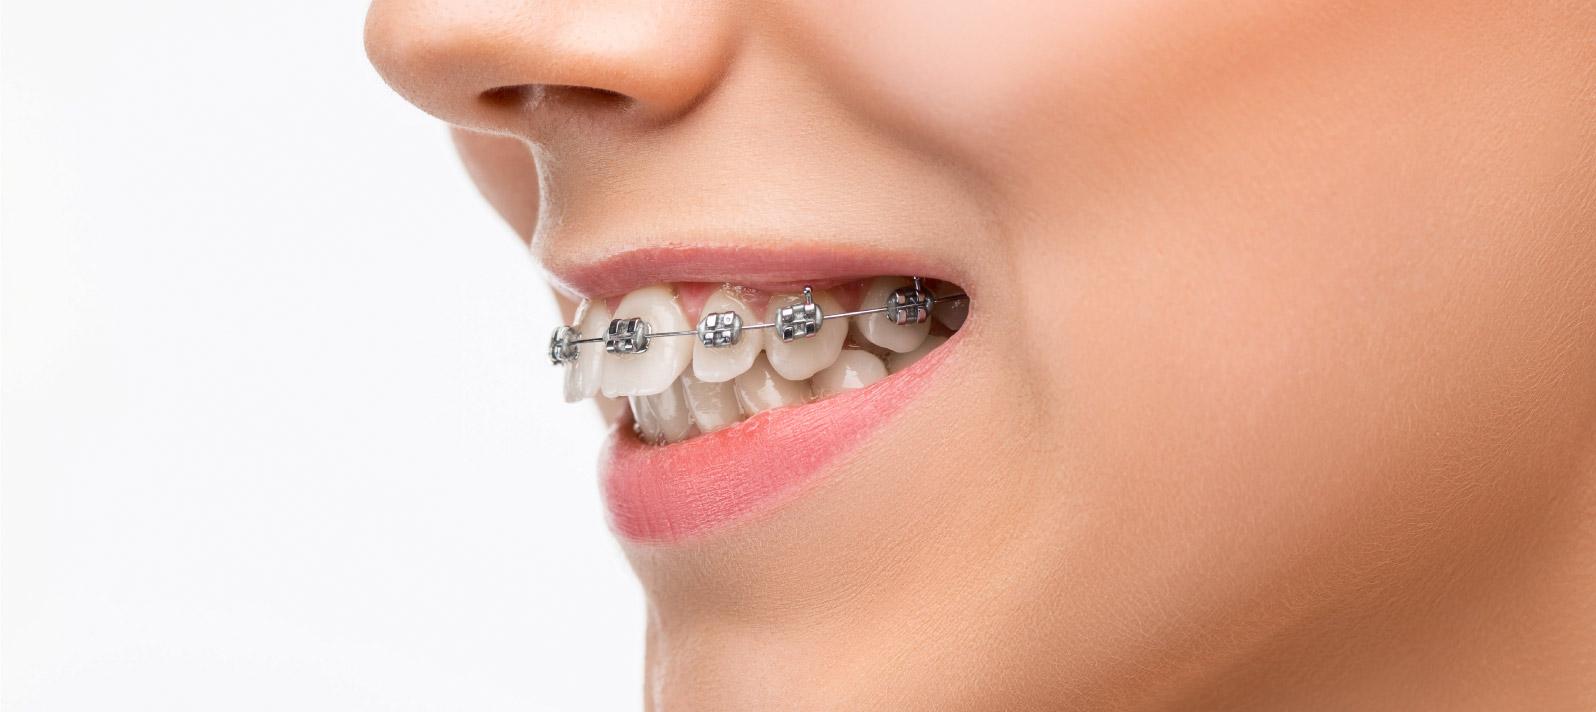 Los brackets sirven para corregir la malposición de los dientes